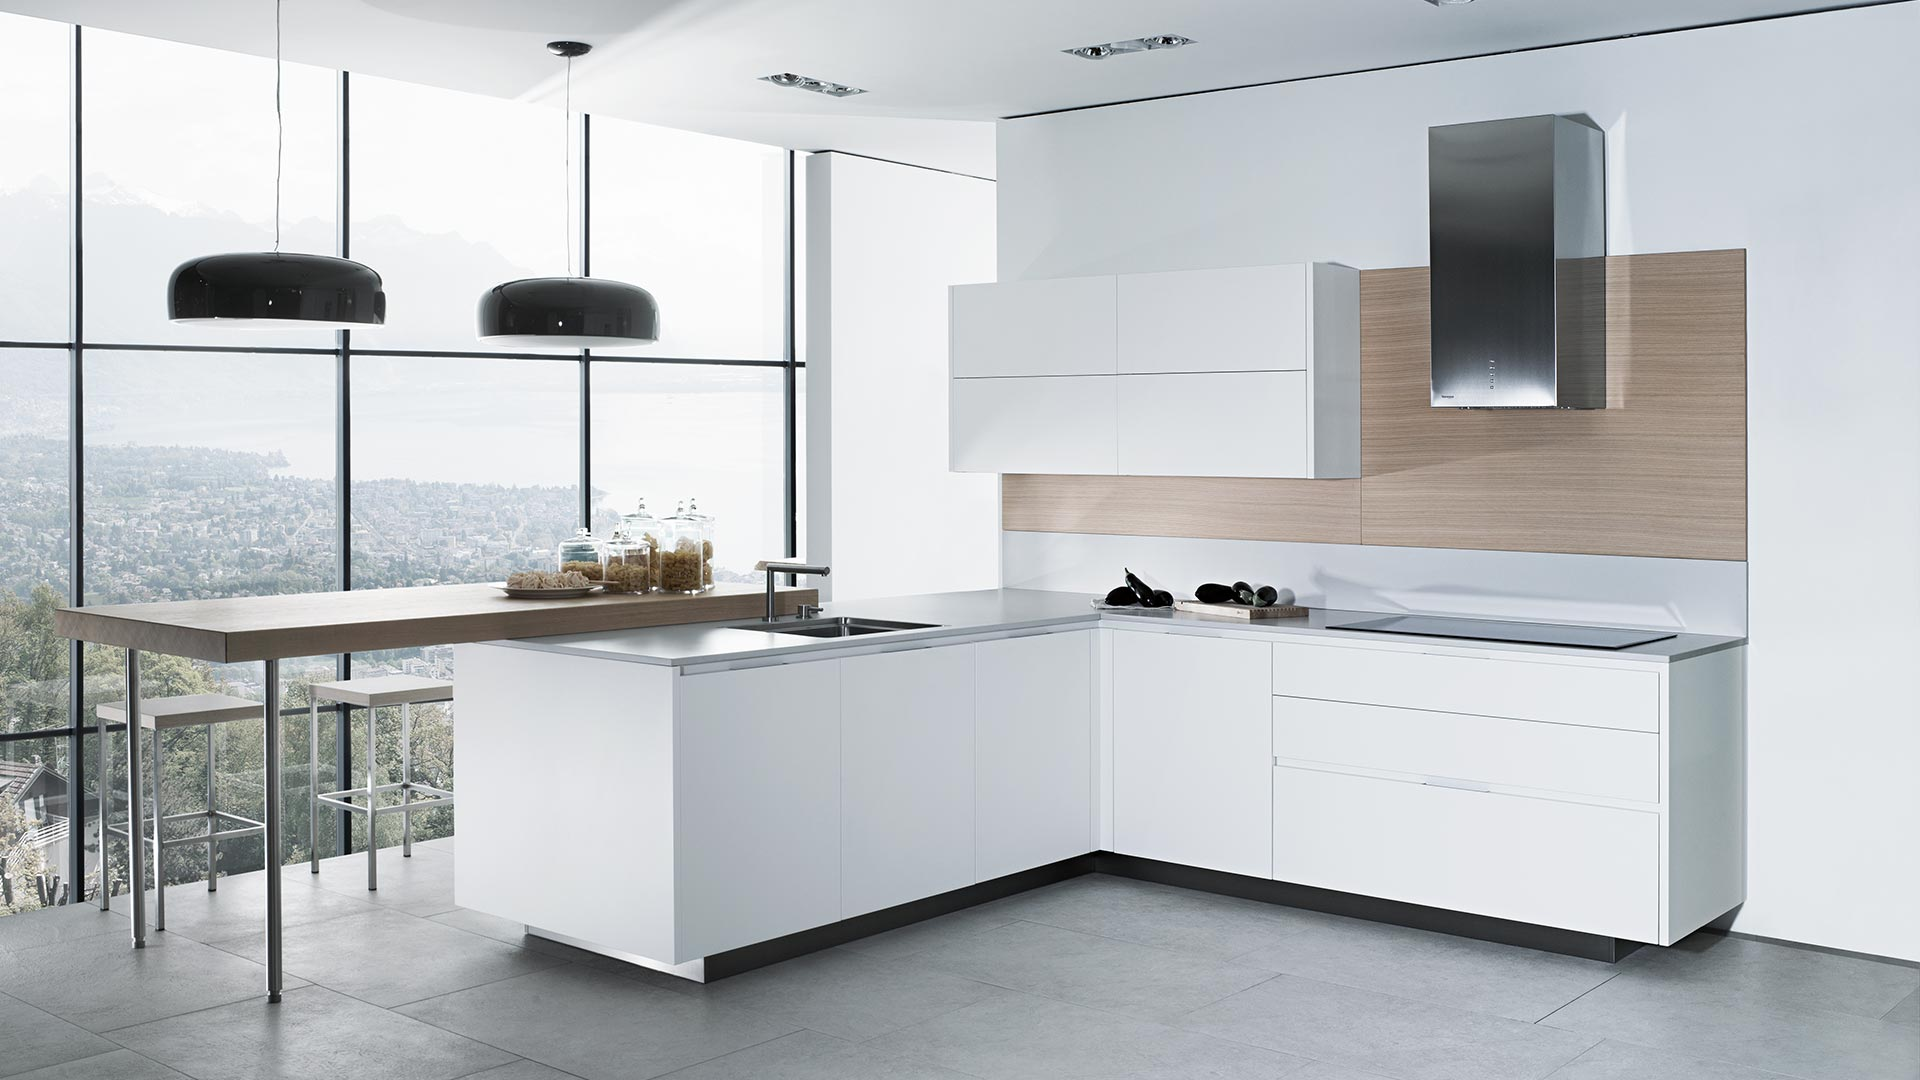 Full Size of Ikea Küche L Form Küche L Form Gebraucht Kaufen Küche L Form Ebay Kleinanzeigen Landhaus Küche L Form Küche Küche L Form